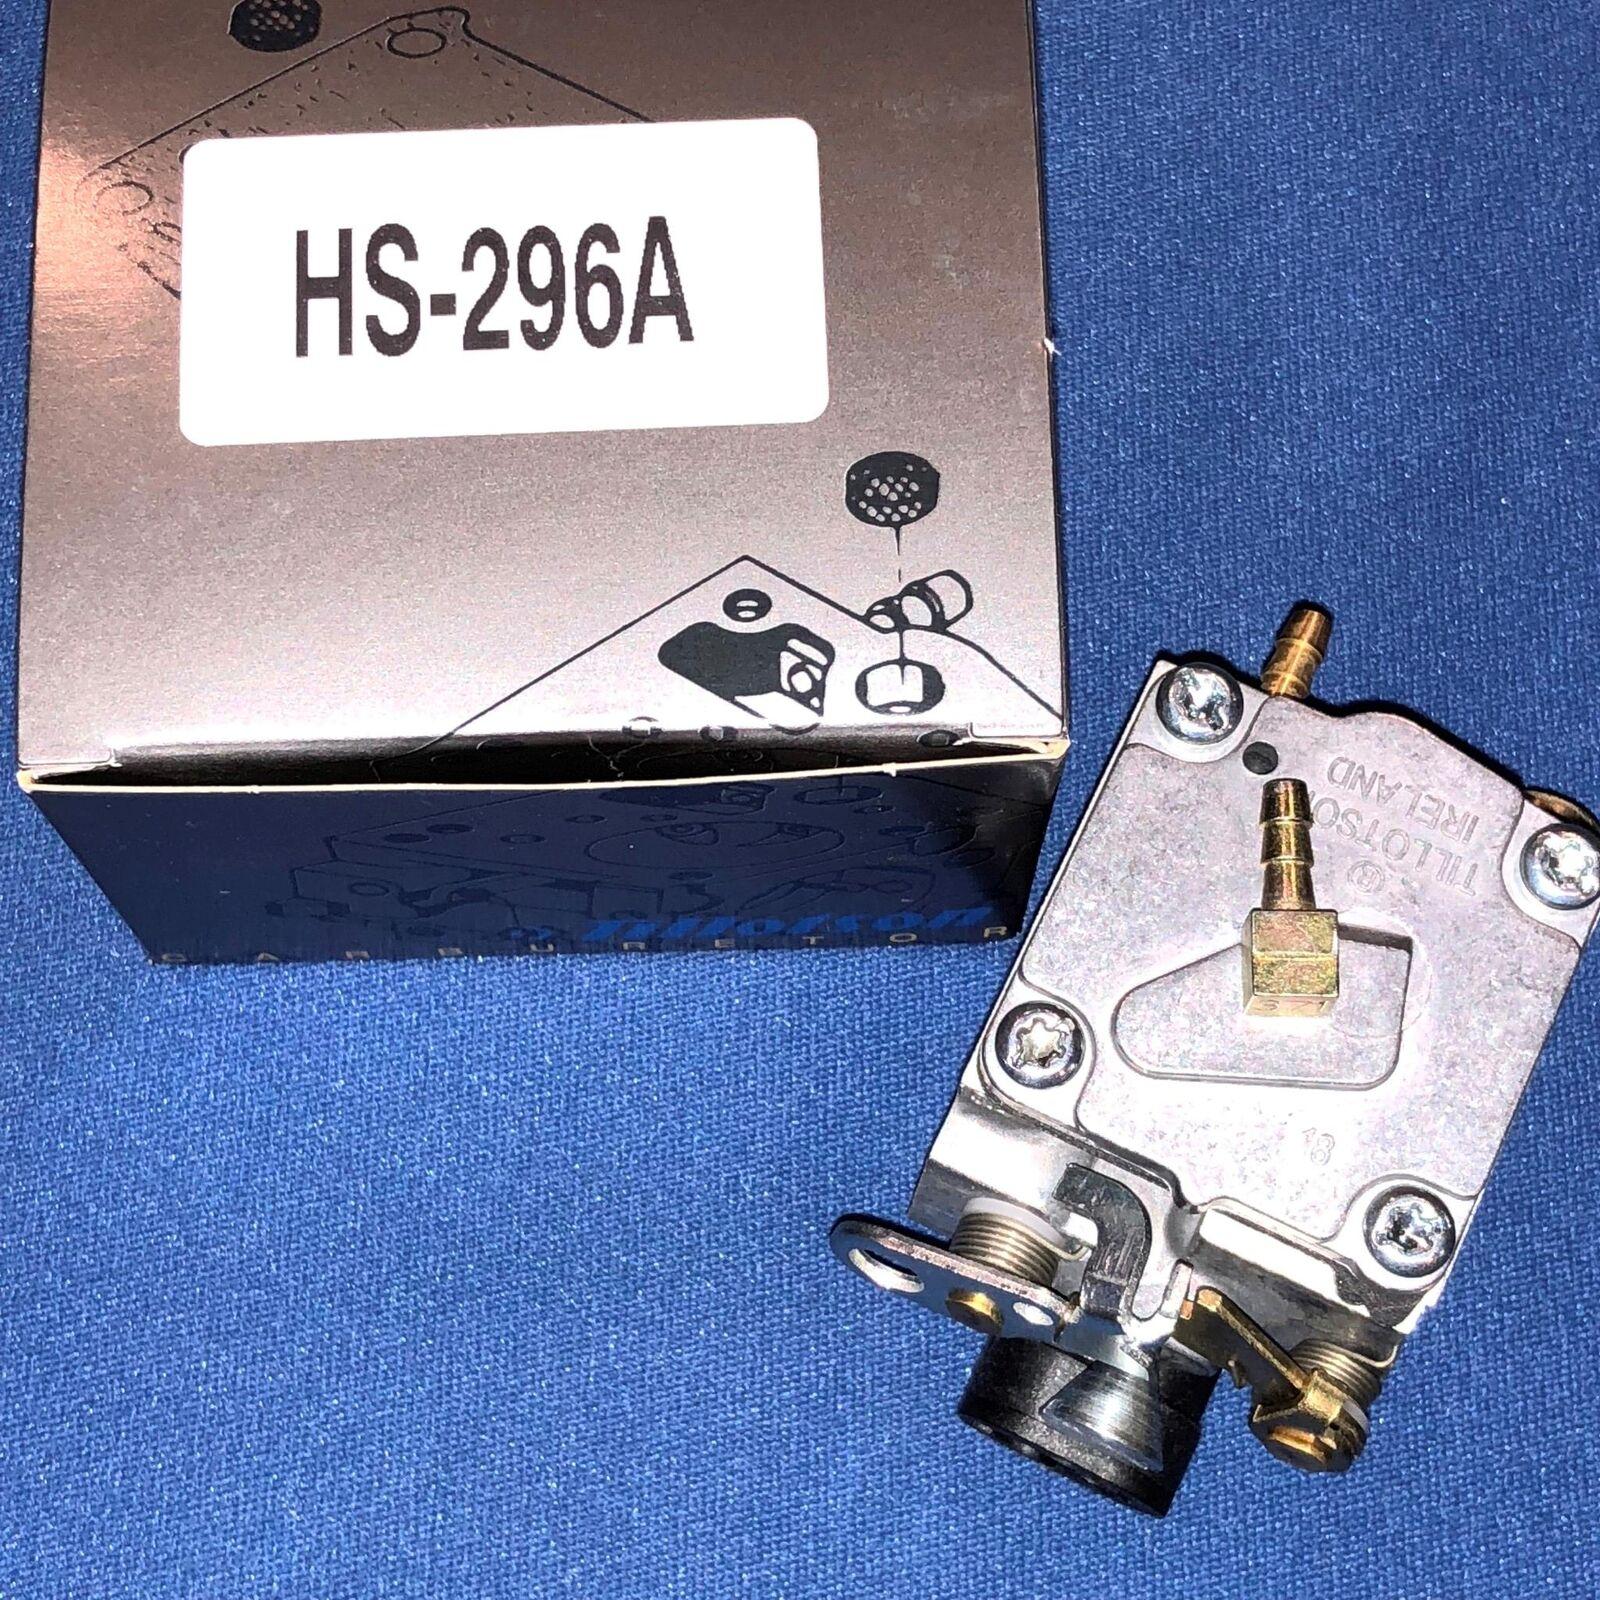 OEM Tillotson Cocheburador para Dolmar HS-296a 7900 7910